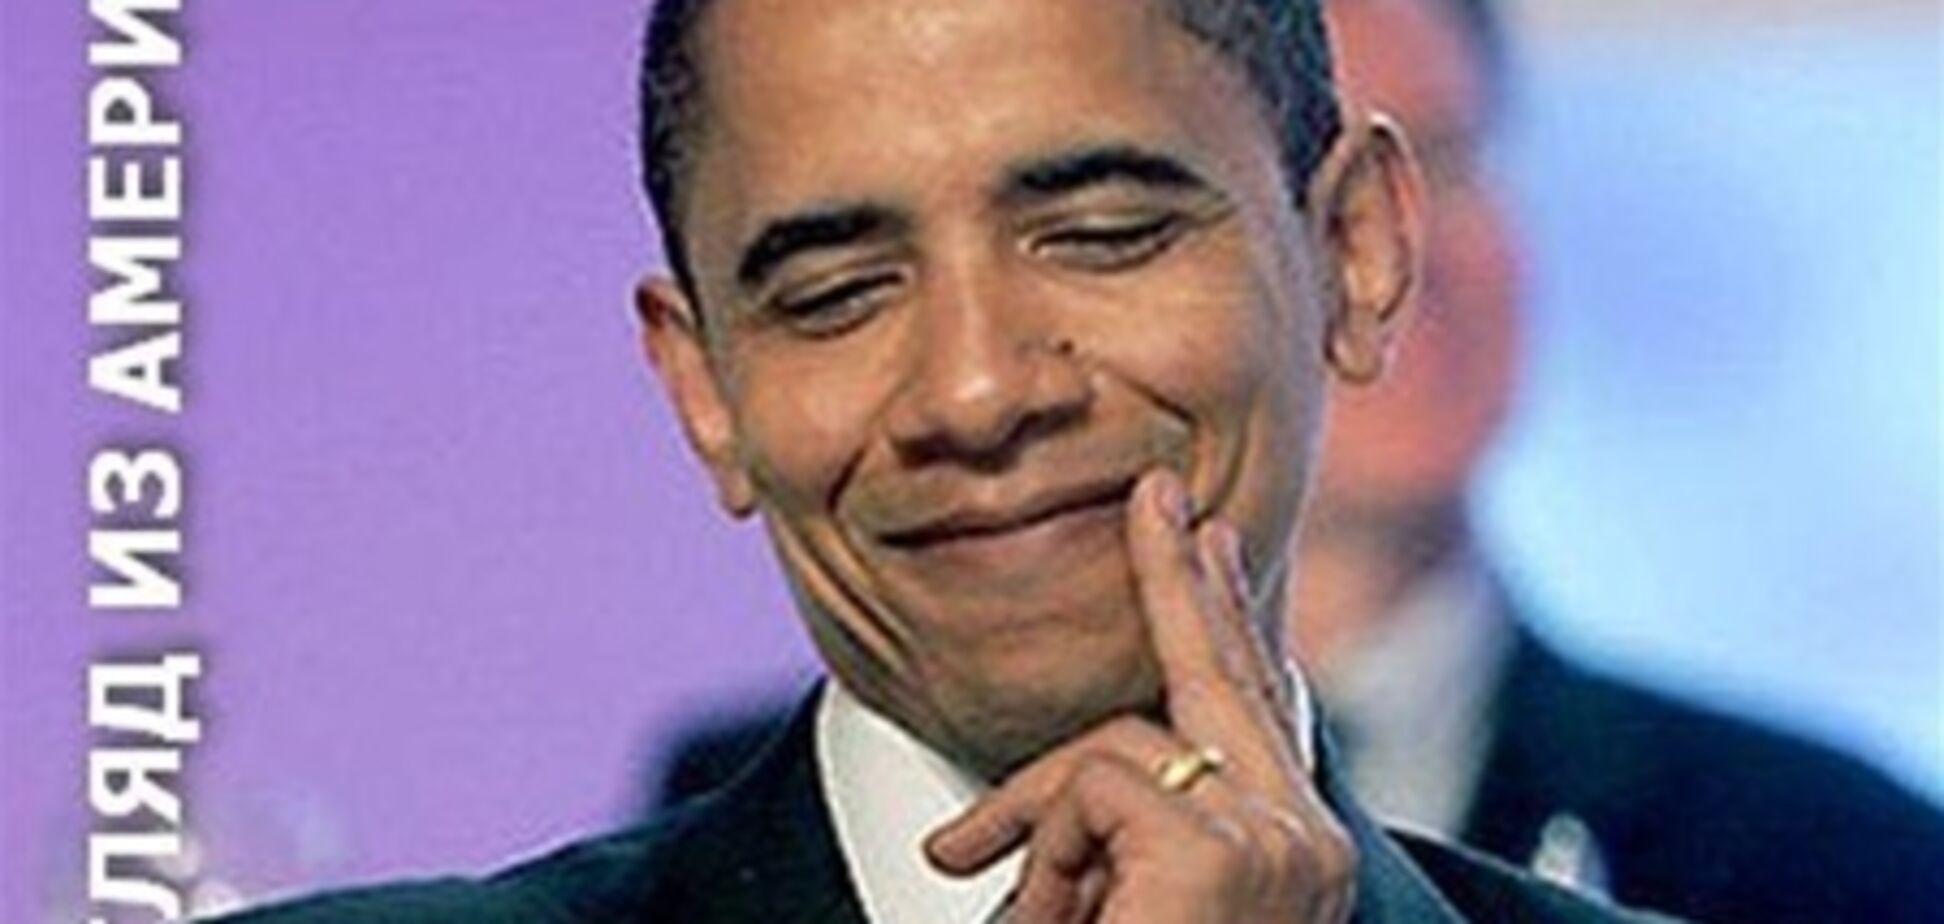 Обама: взятки и заказные убийства вместо международной политики